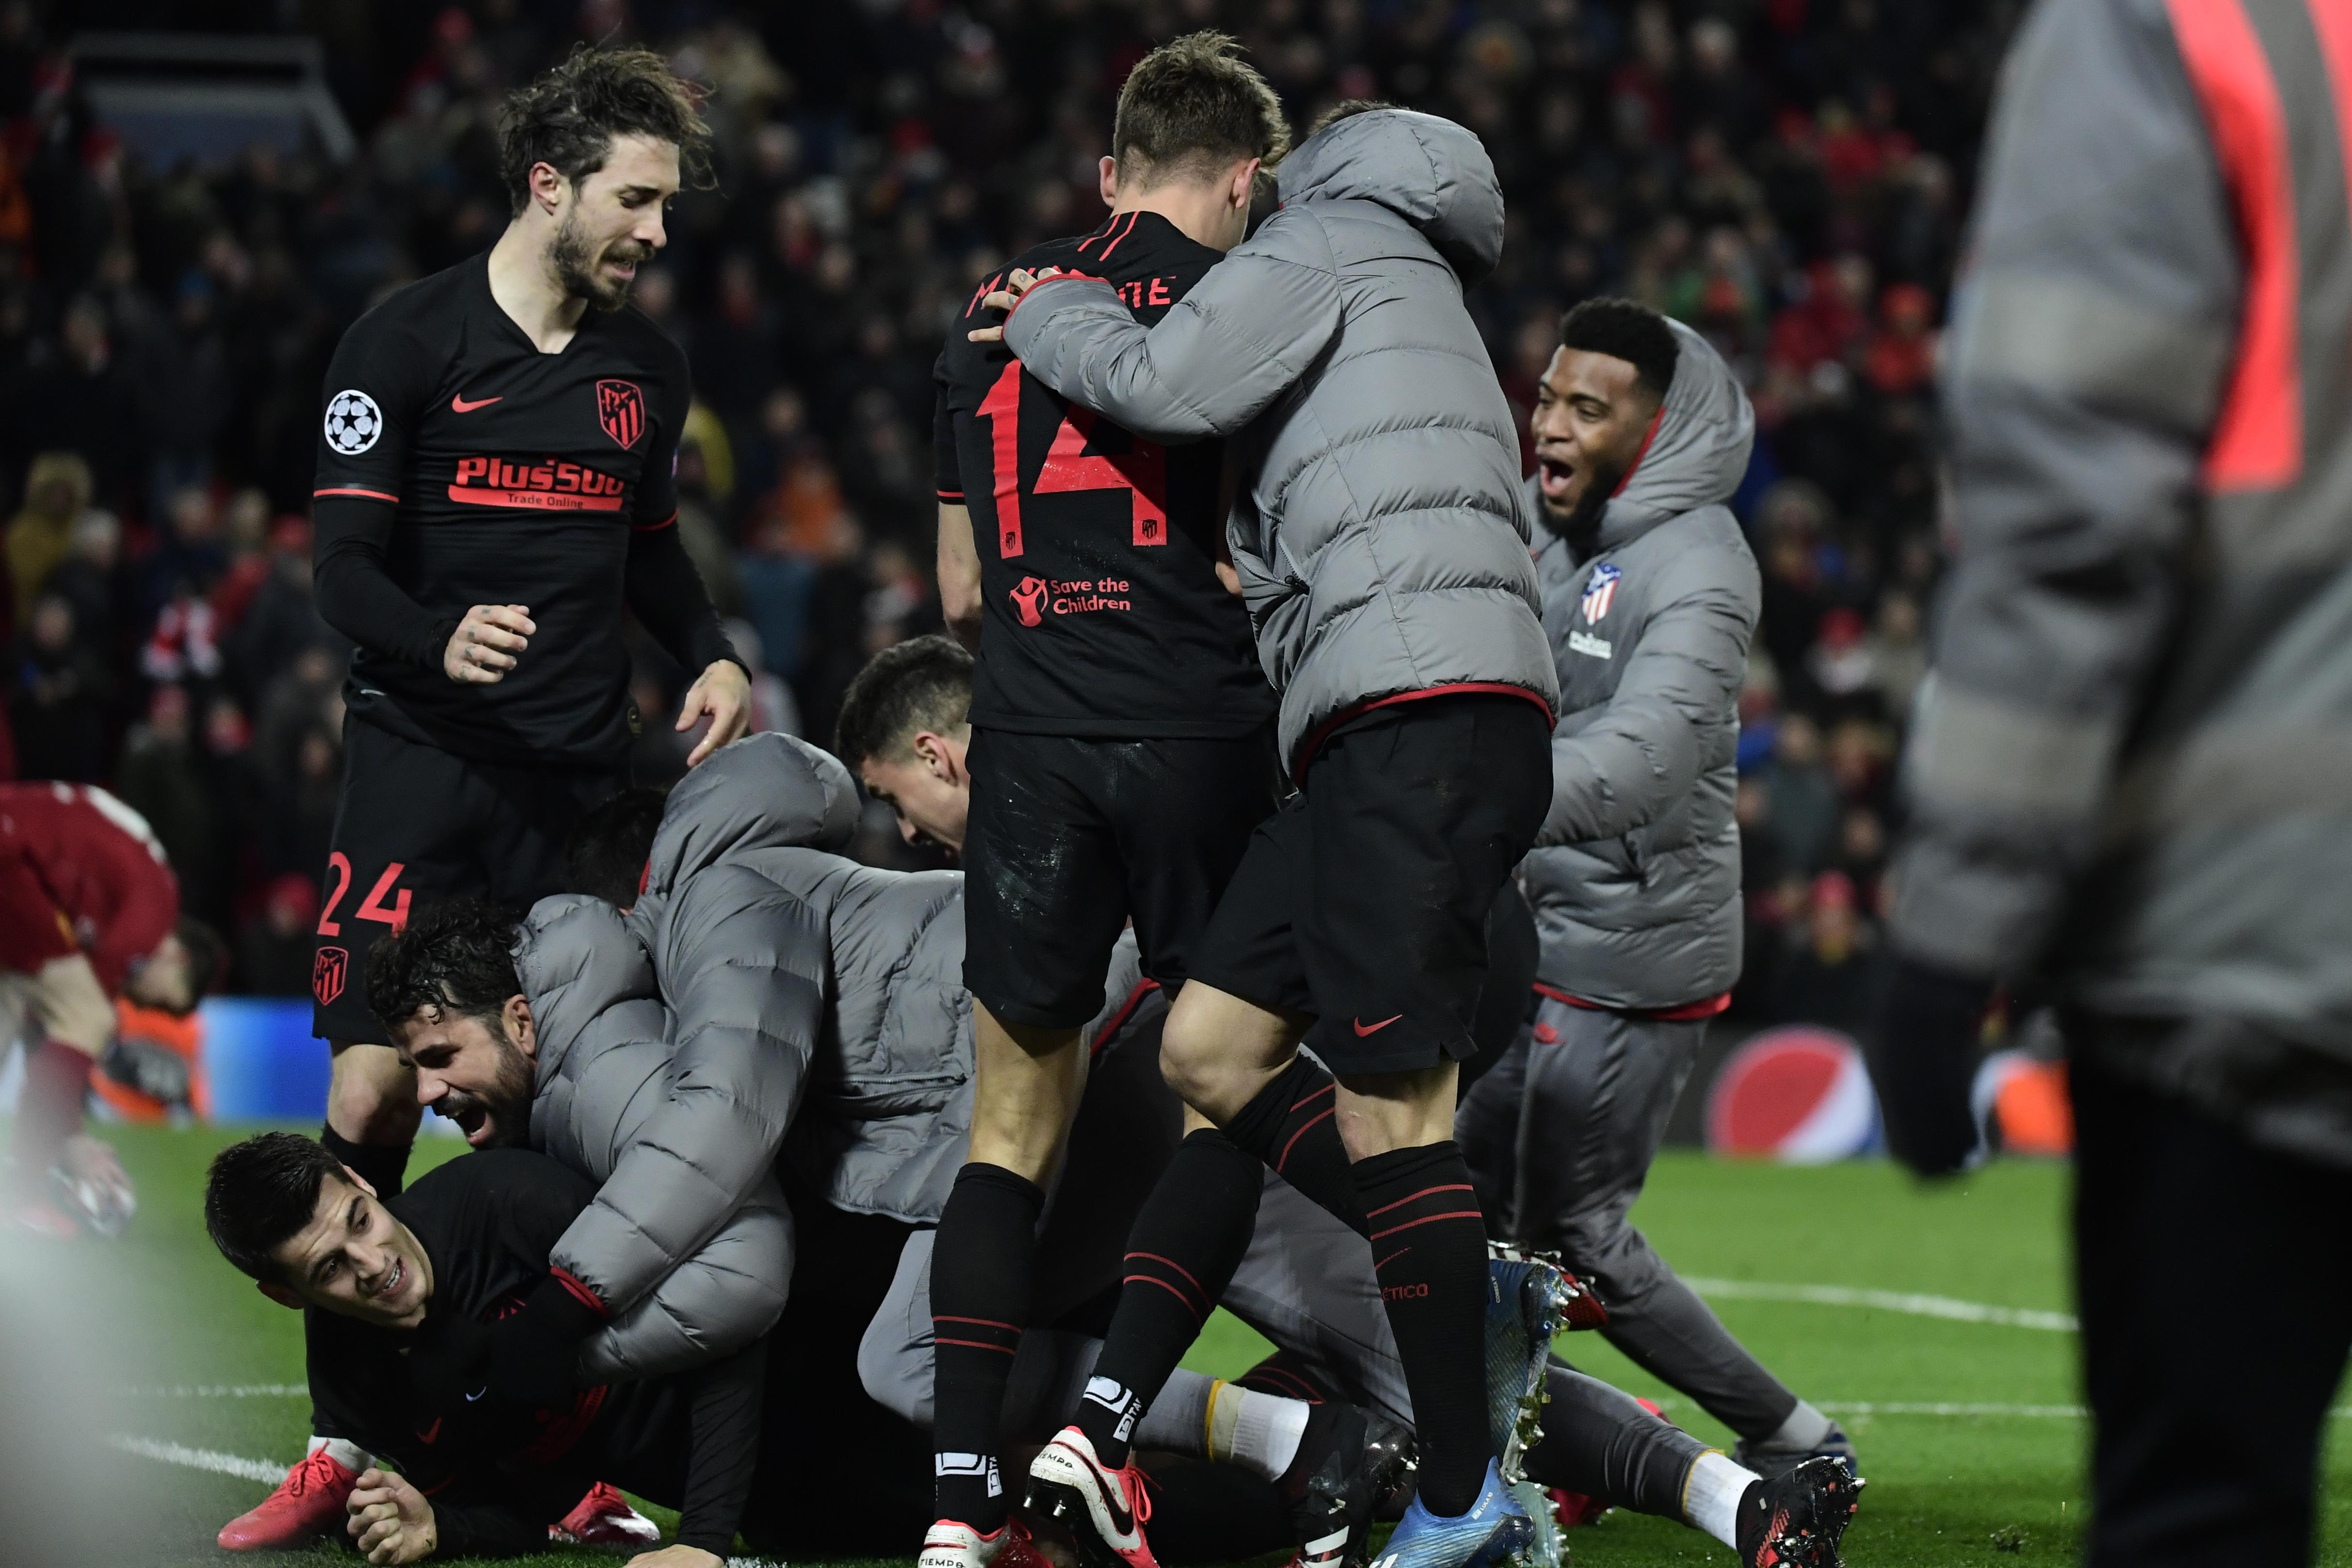 Az Atletico a hosszabbításban hármat lőtt, és kiverte a Liverpoolt a BL-ből